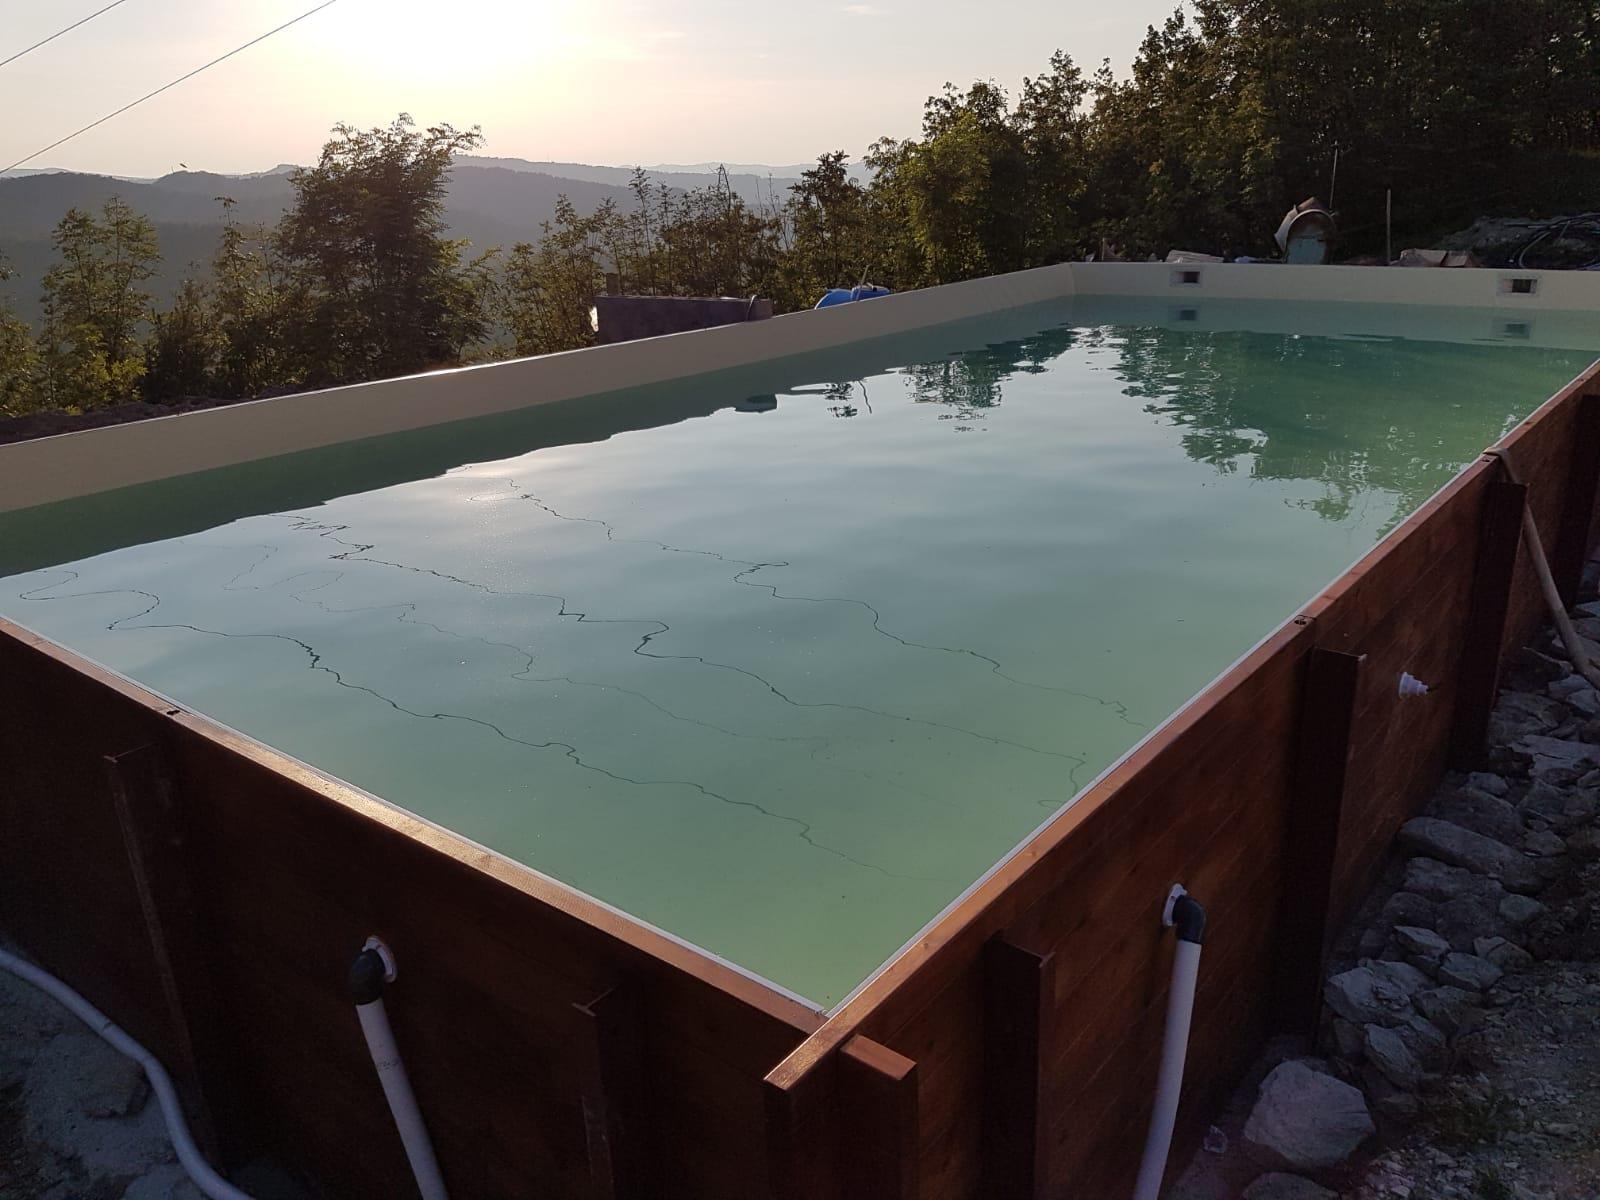 Acqua Azzurra Piscine piscina fuori terra autoportante in legno - aepiscine